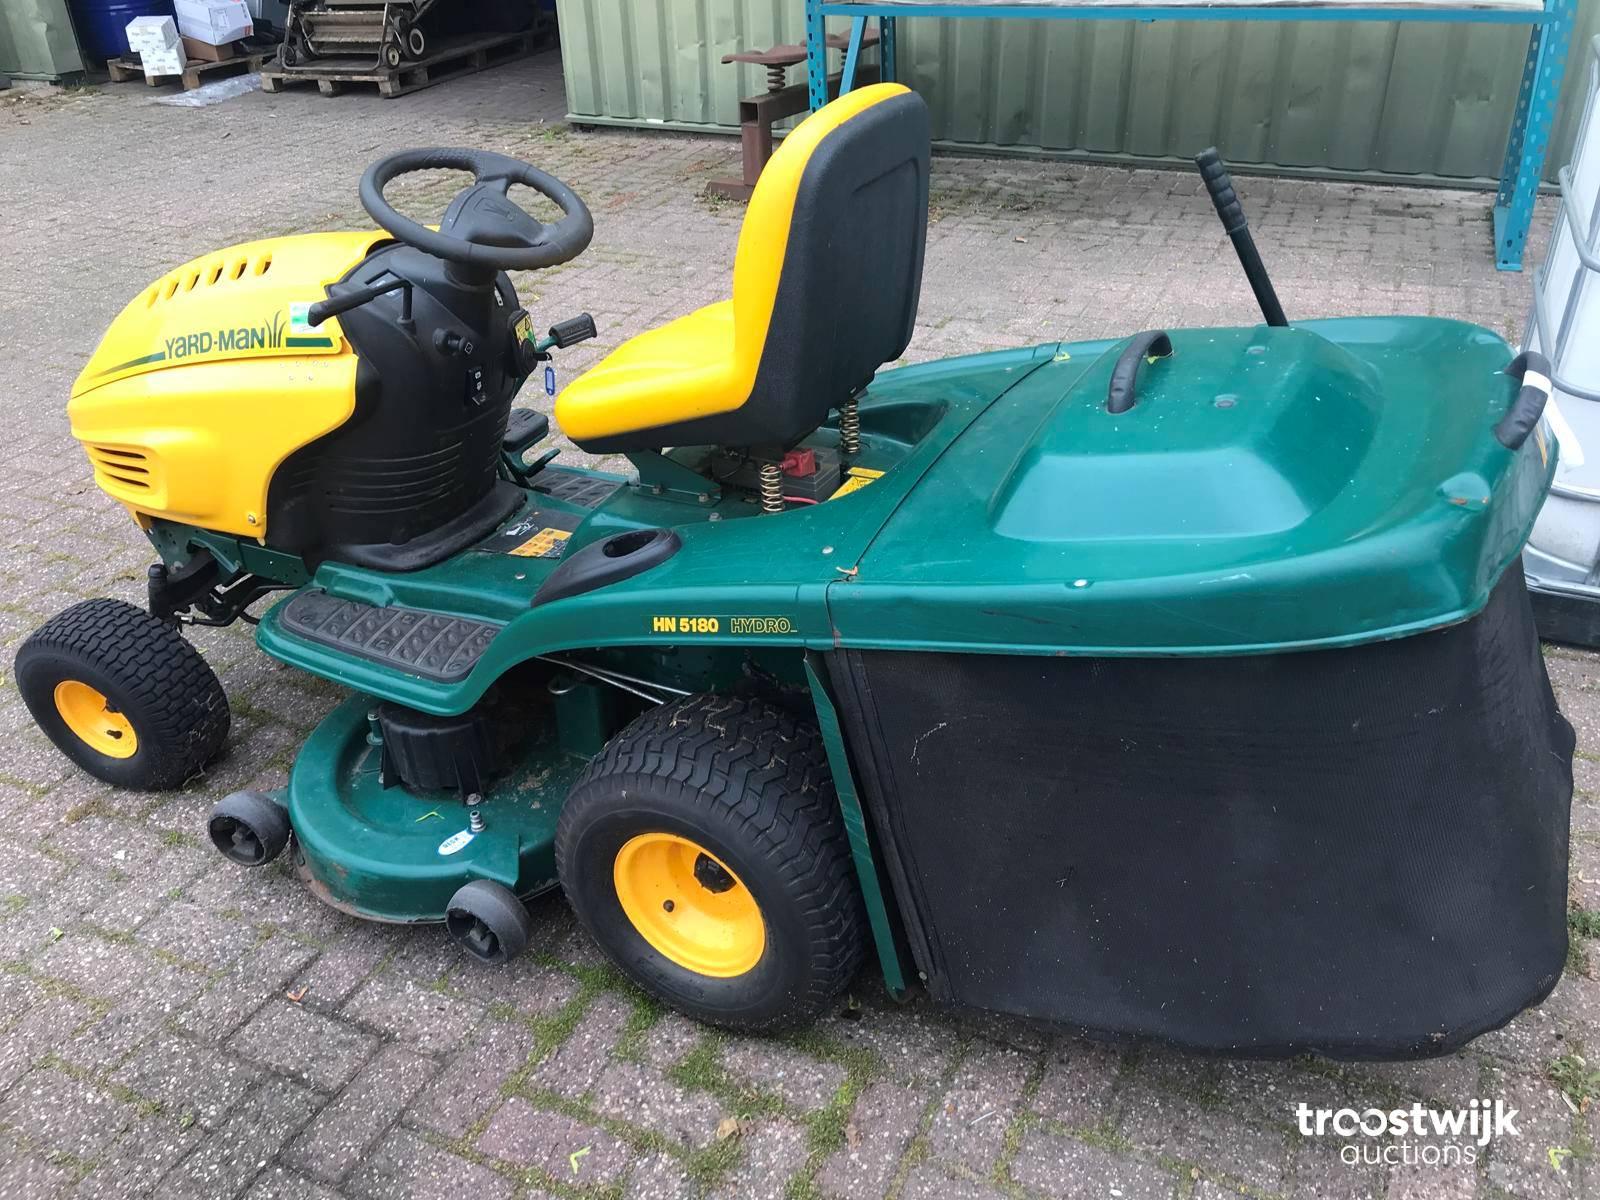 Spiksplinternieuw Yardman AN5180 Hydro zitmaaier - Troostwijk QF-83